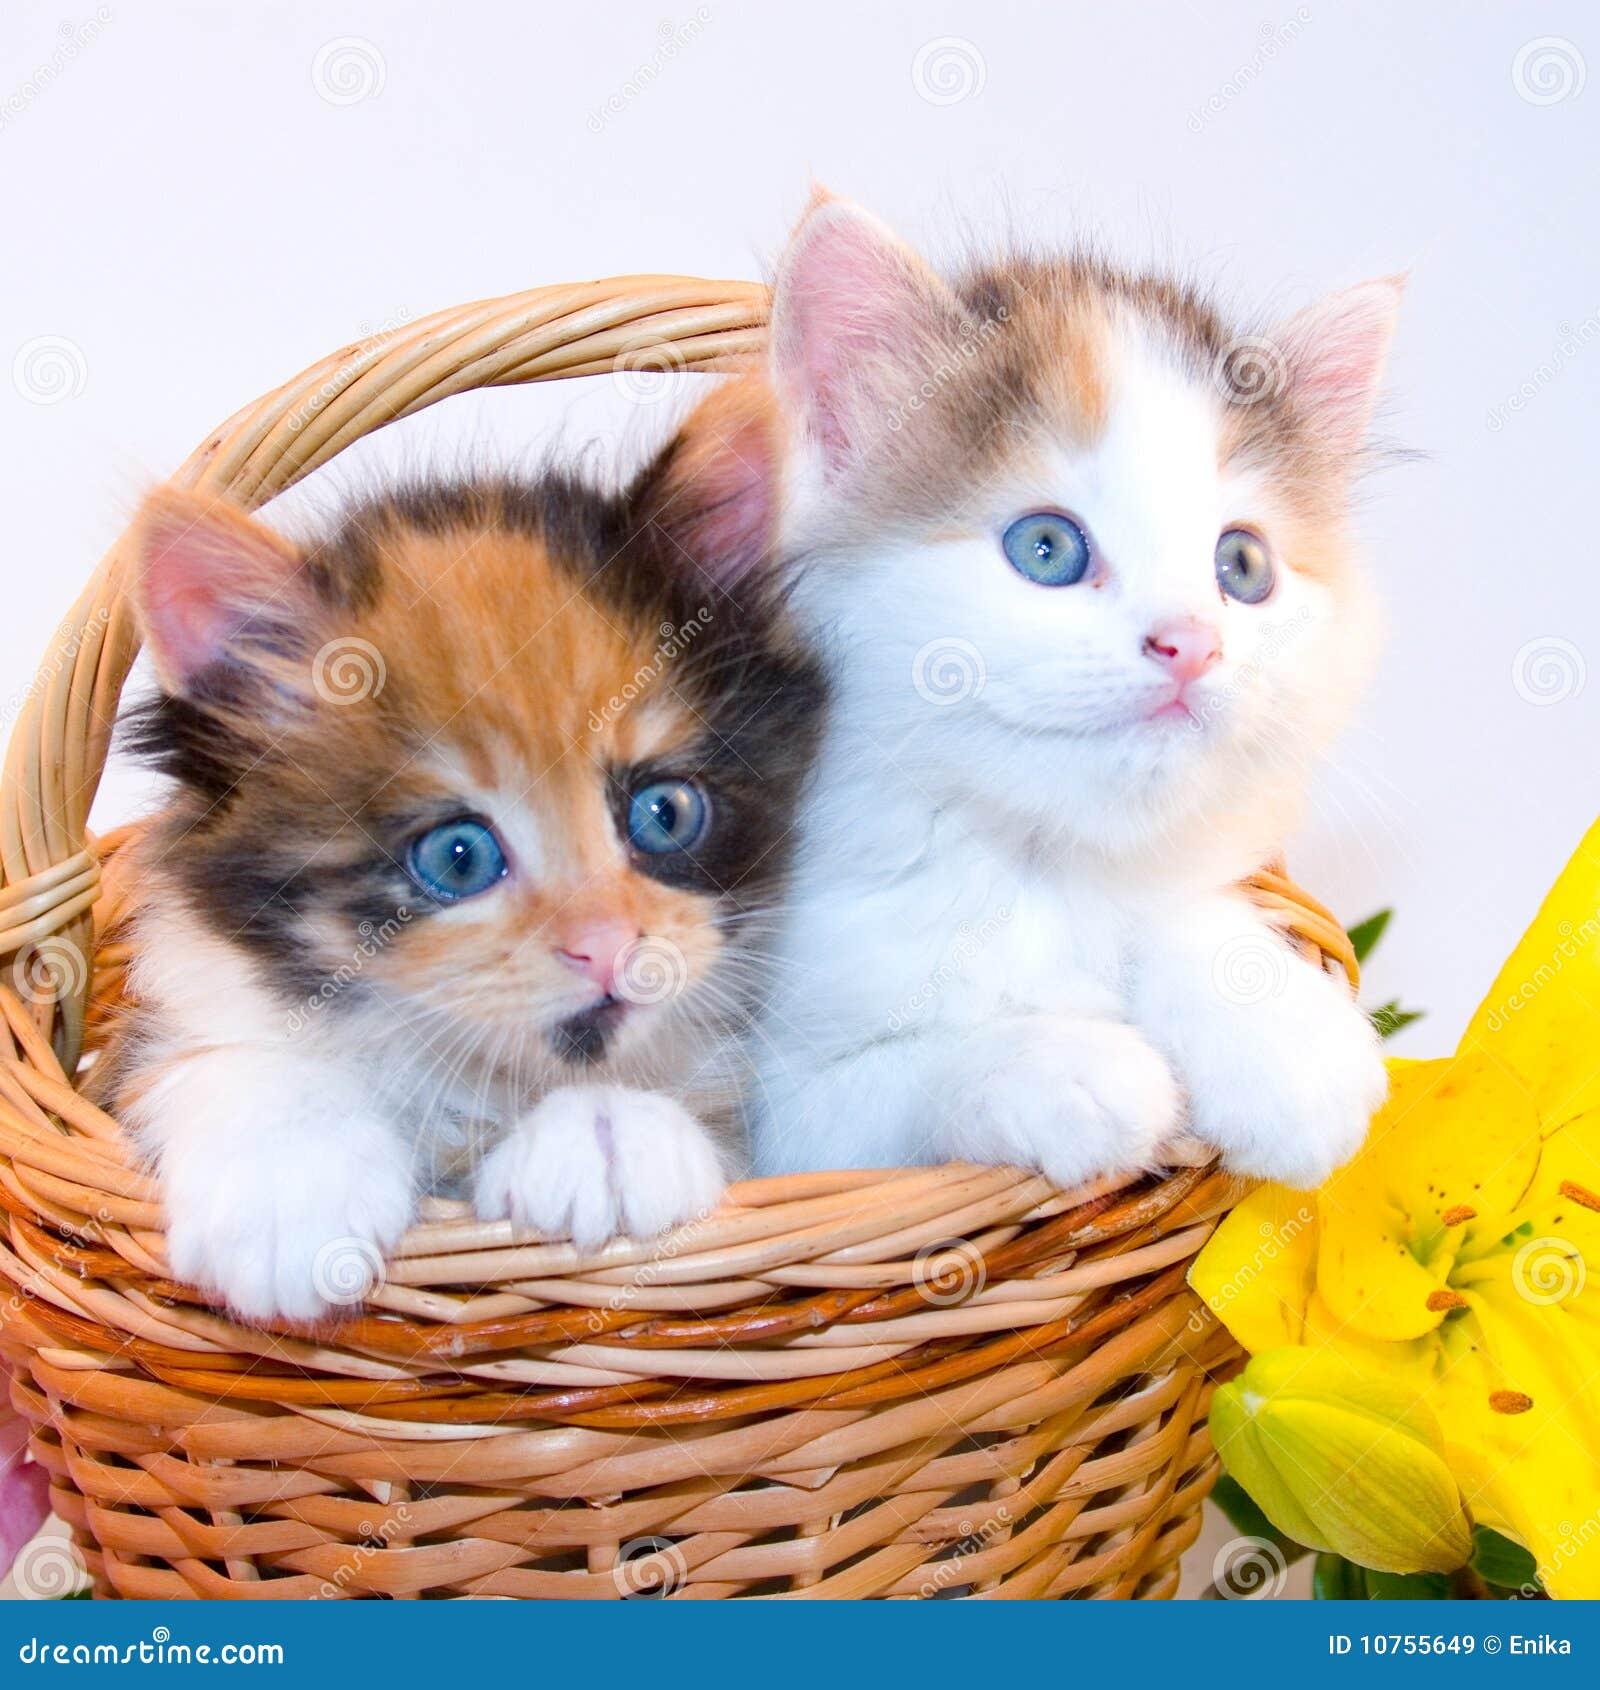 Eccezionale Piccoli gattini immagine stock. Immagine di veterinario - 10755649 KJ79